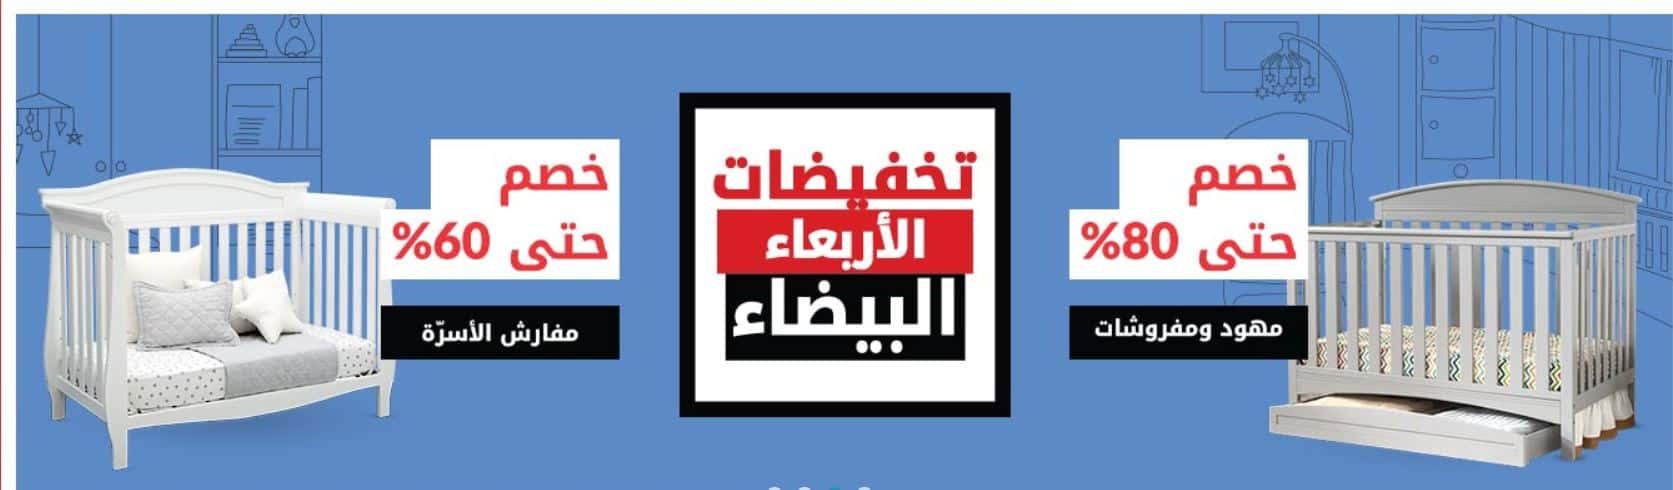 عروض الجمعه البيضاء 2019 BABYSHOP